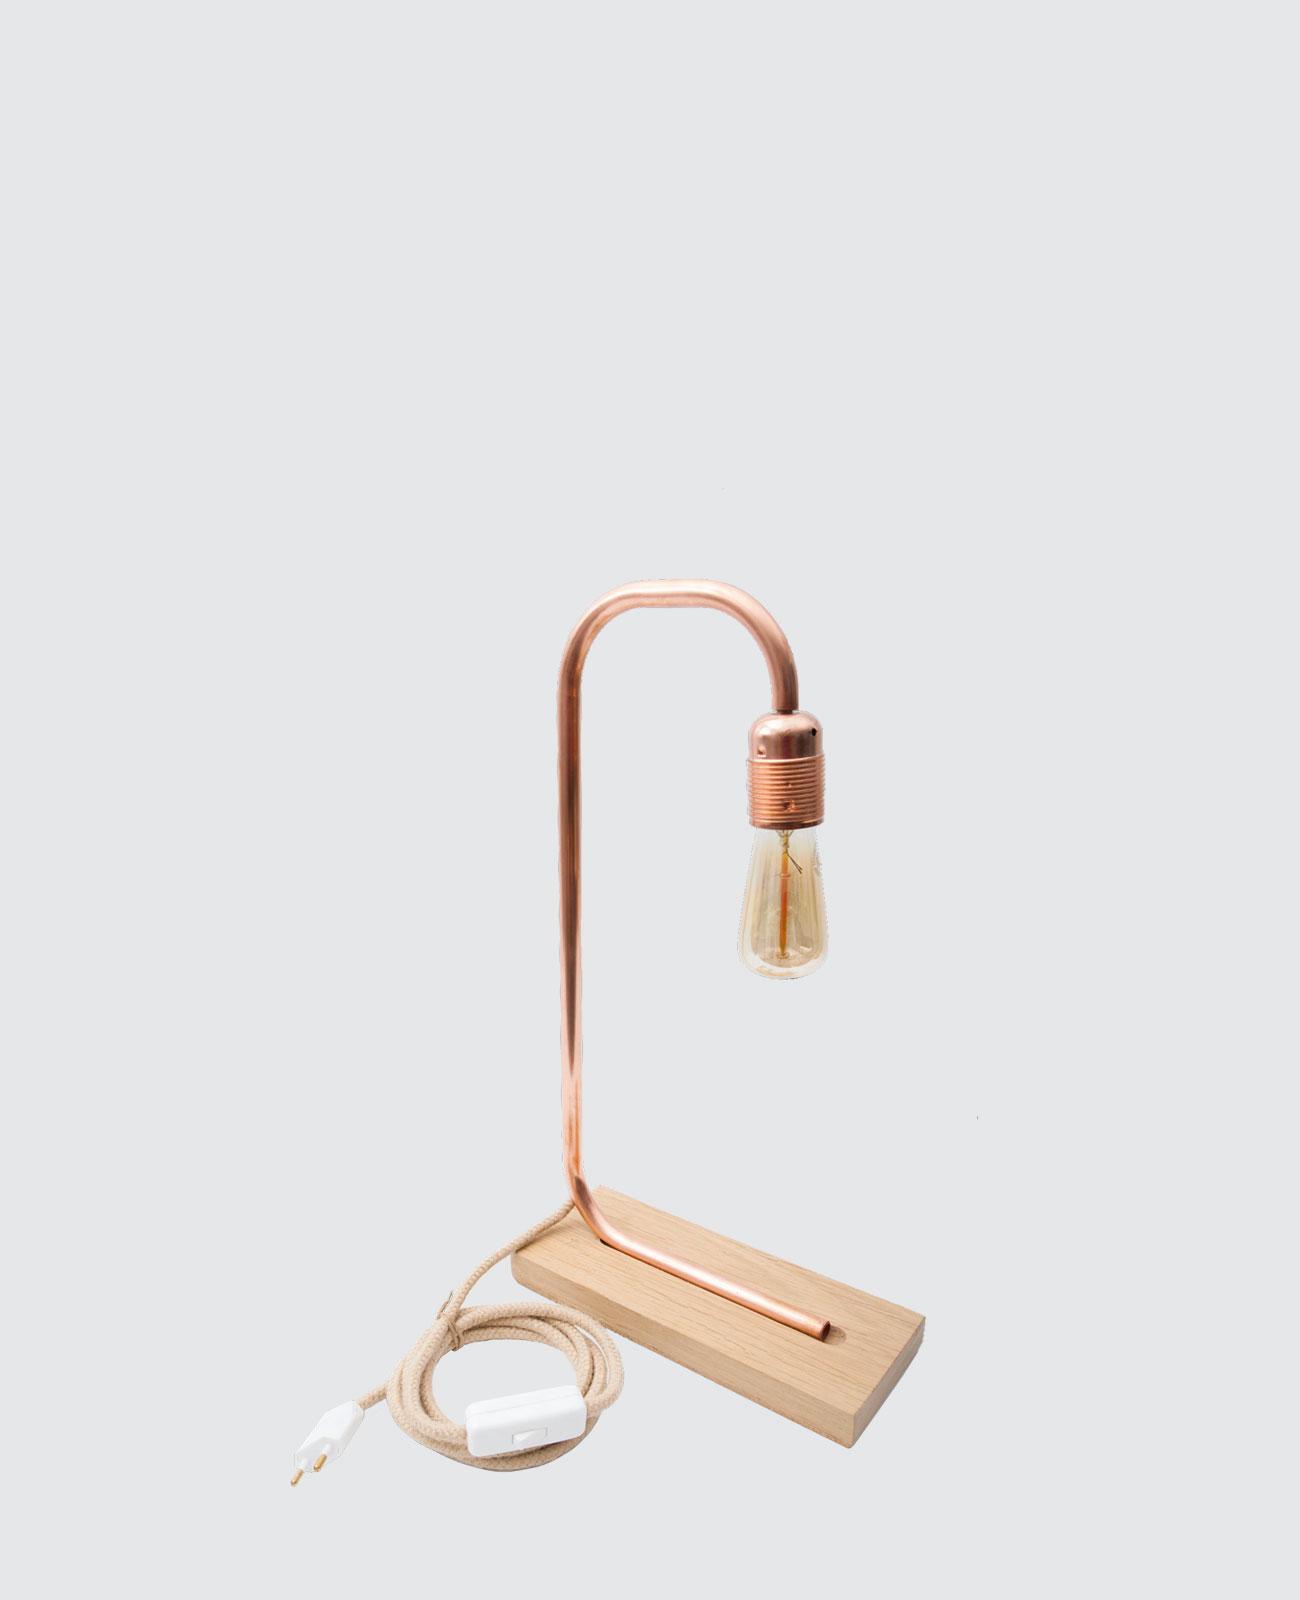 Préférence Lampe cuivre et chanvre bois massif Français Wood & Scrap PZ99